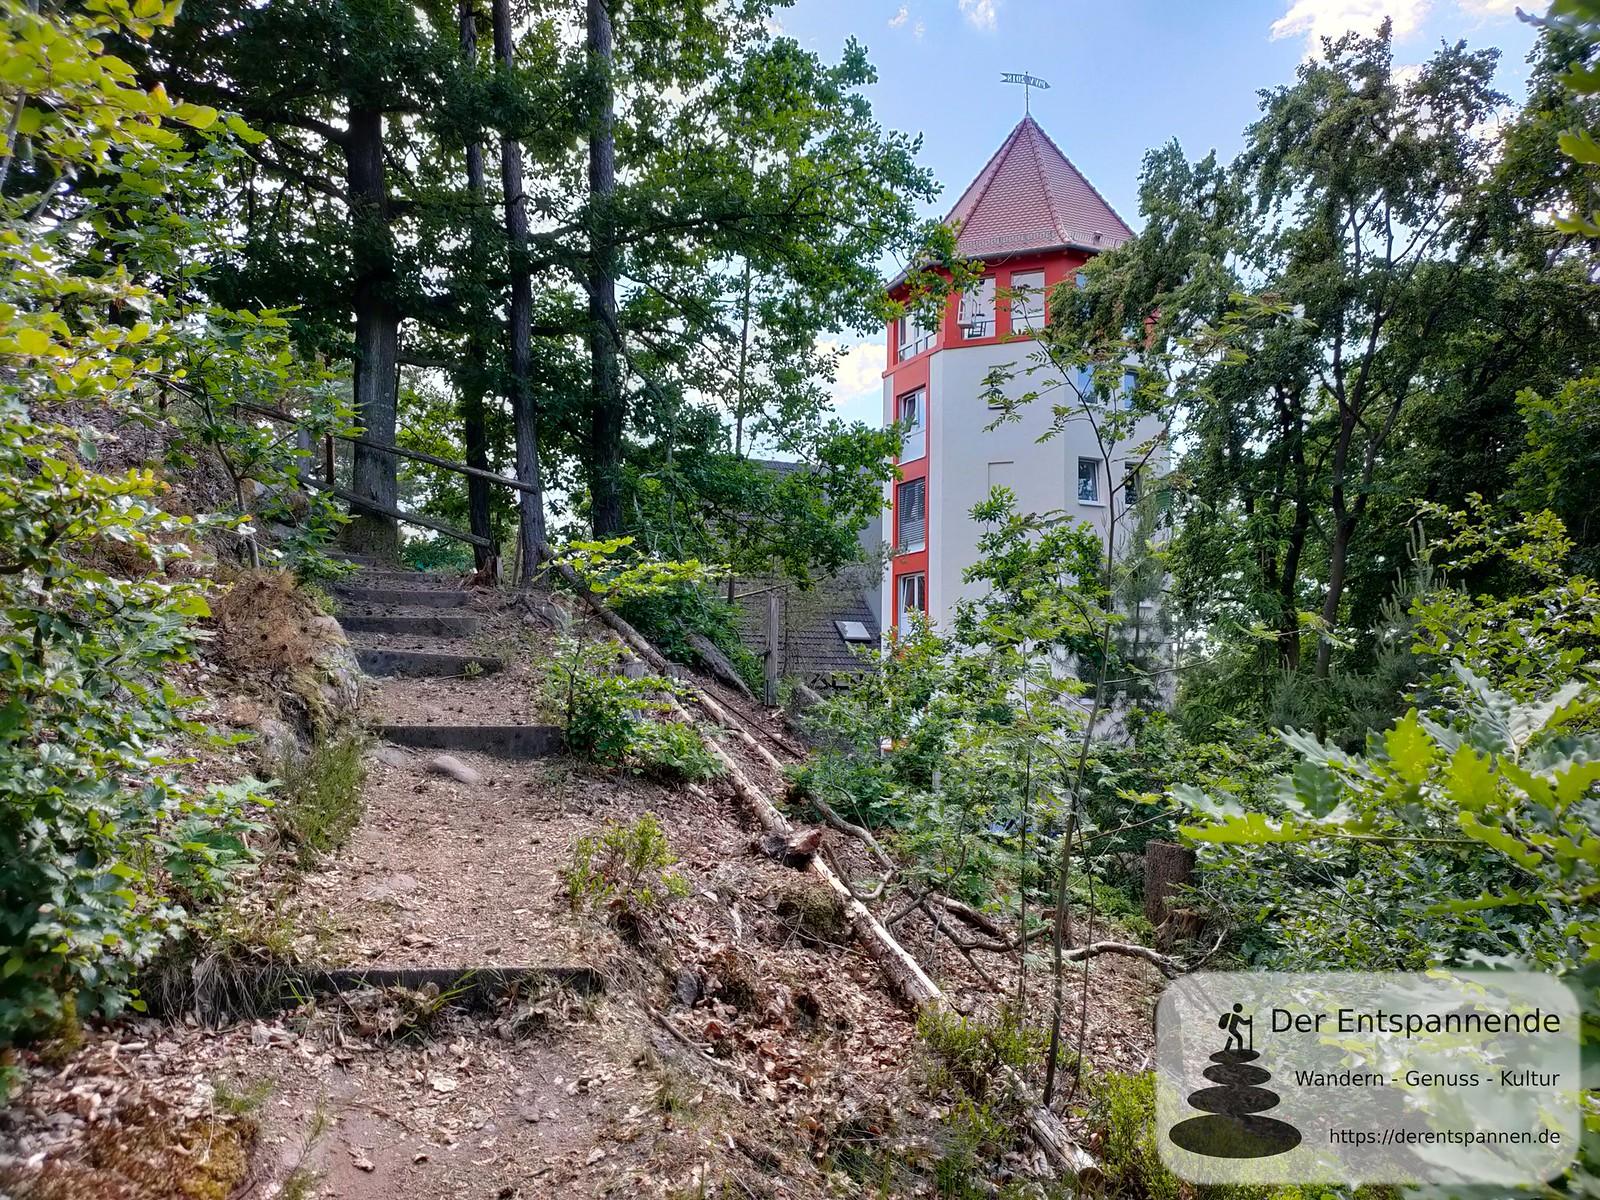 PWV Hilschberghaus - Felsenwanderweg um Rodalben im Pfälzer Wald